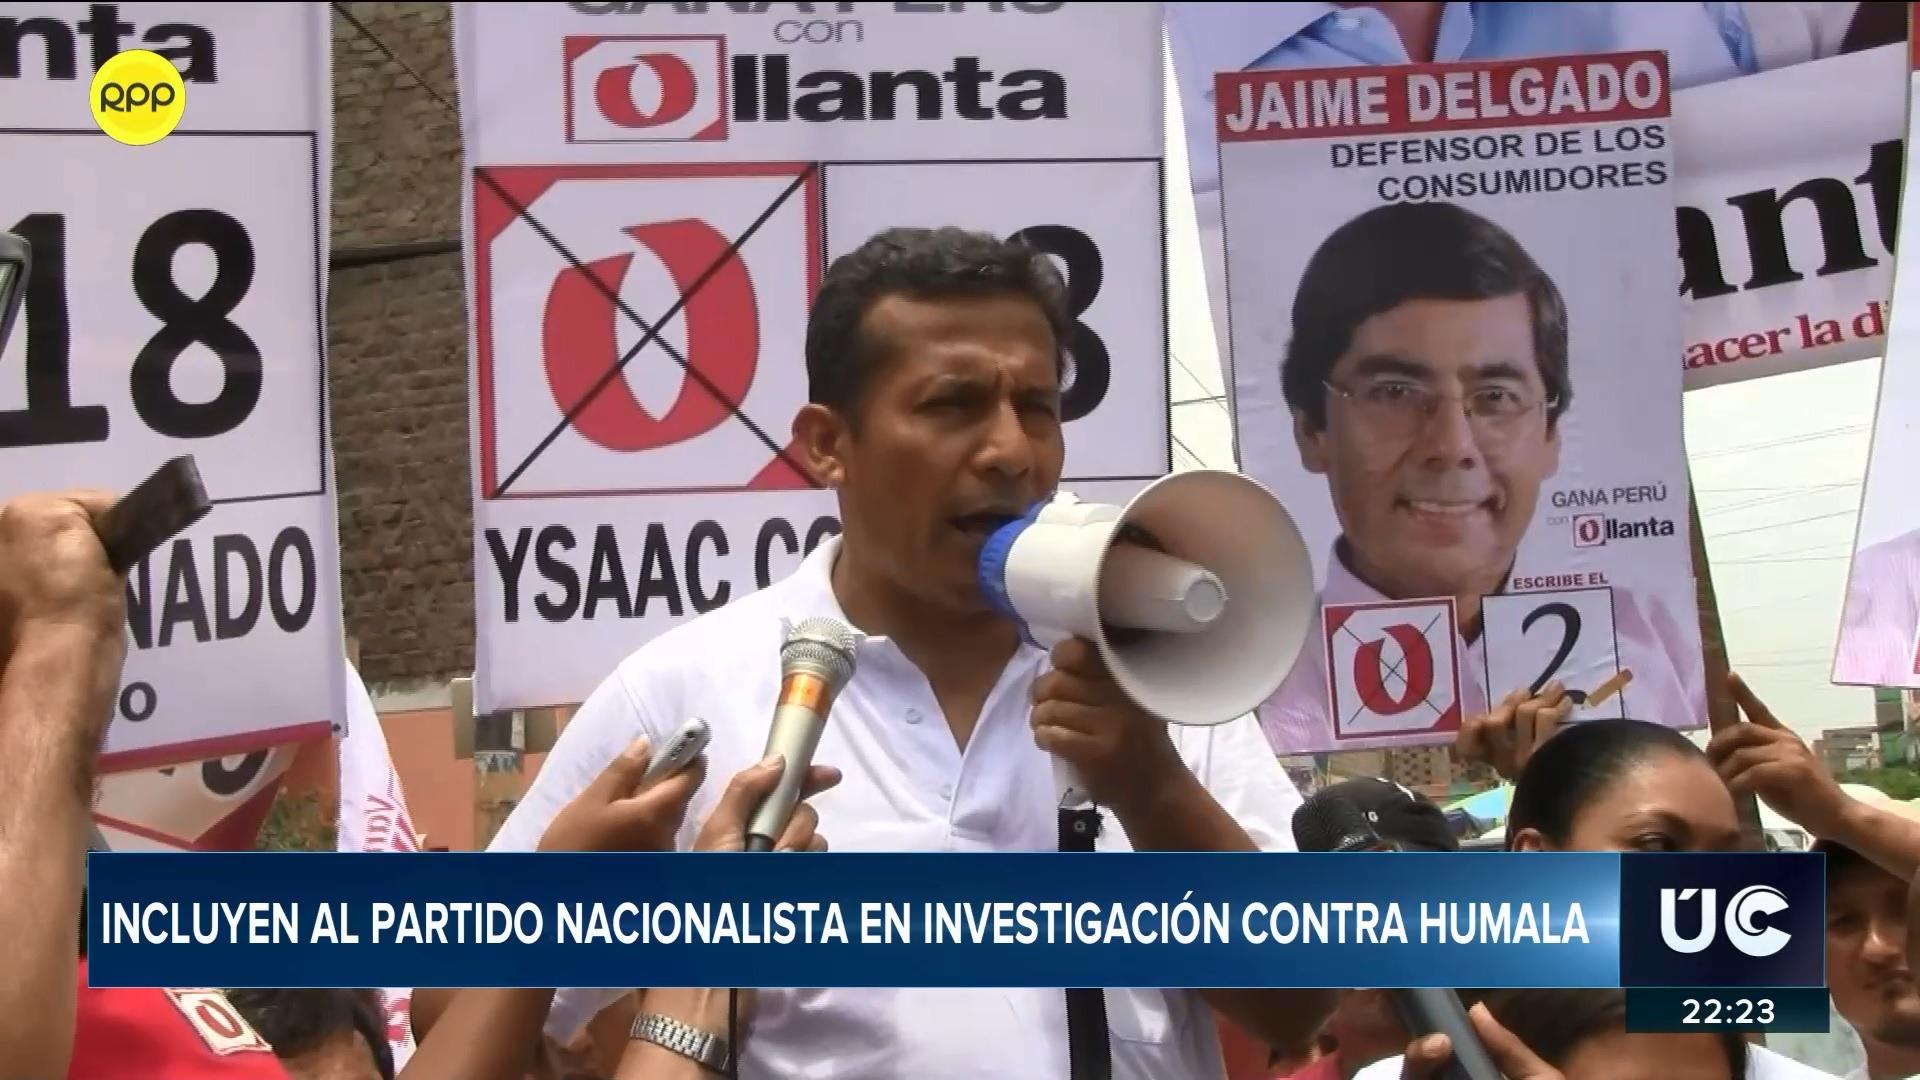 El Partido Nacionalista fue incluido en la investigación que se sigue contra el expresidente Humala por el caso Odebrecht.